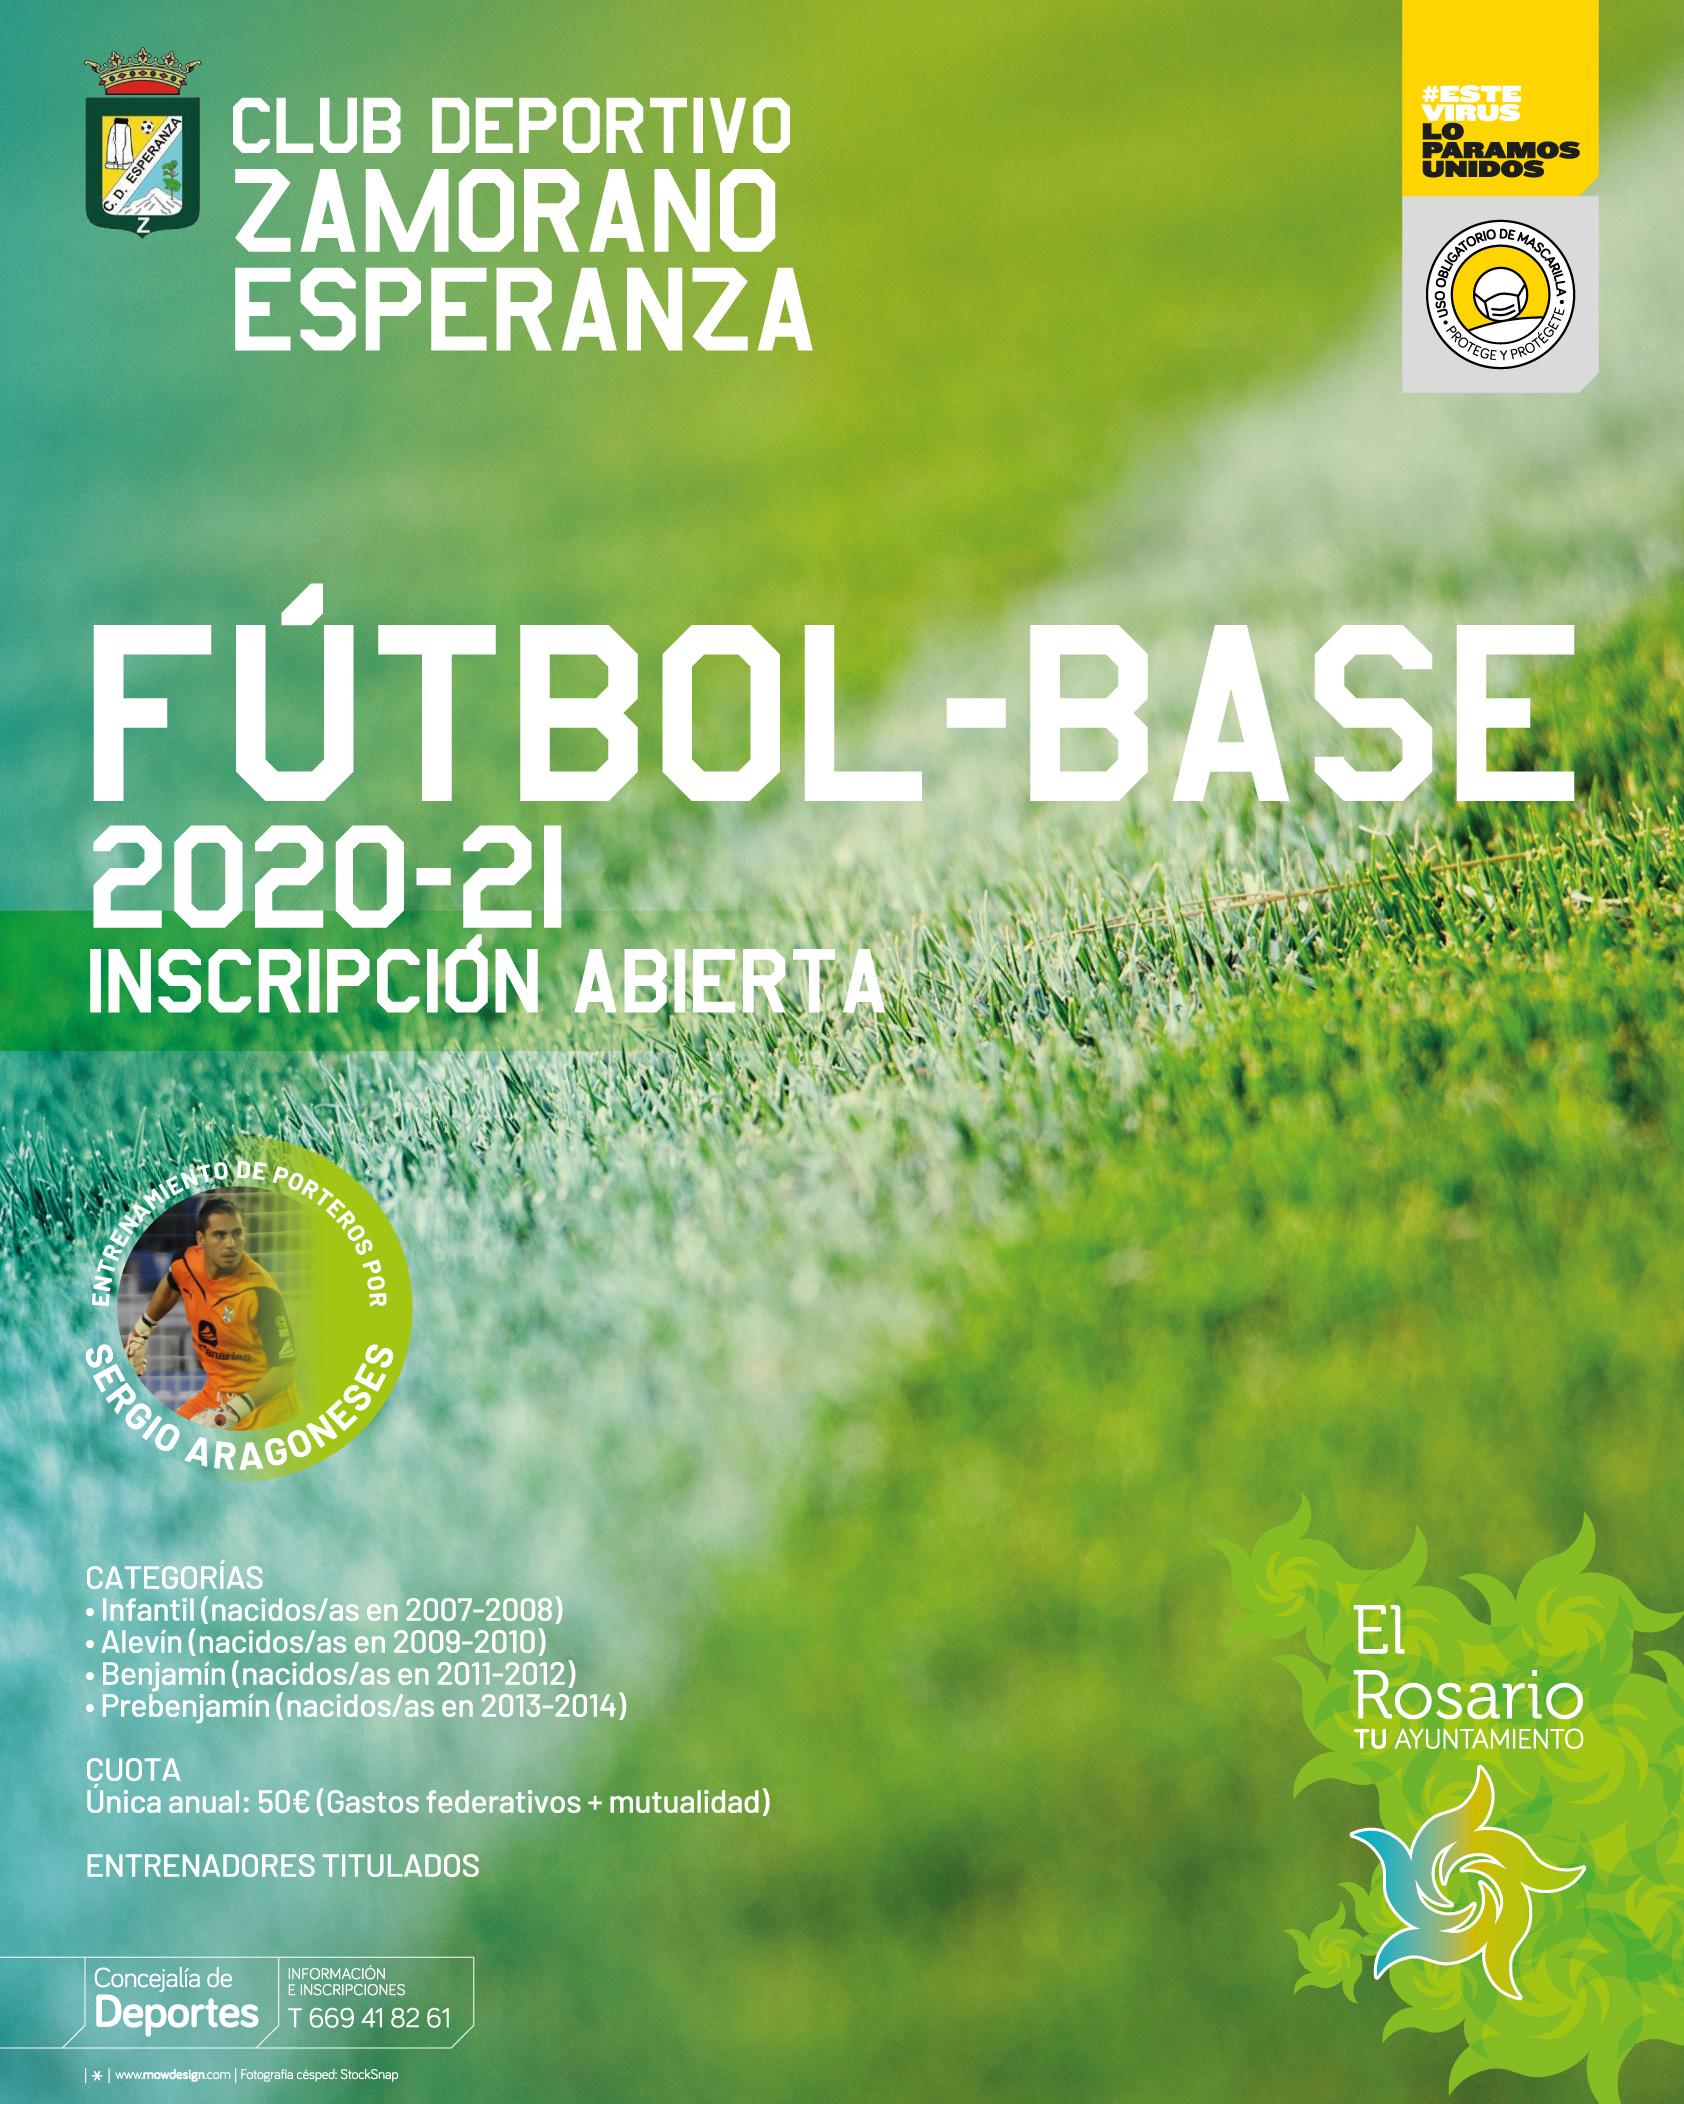 EL_ROSARIO-Fútbol_Base_CDZ_Esperanza-20201200-CARTEL_A3-20210205-01af-redes